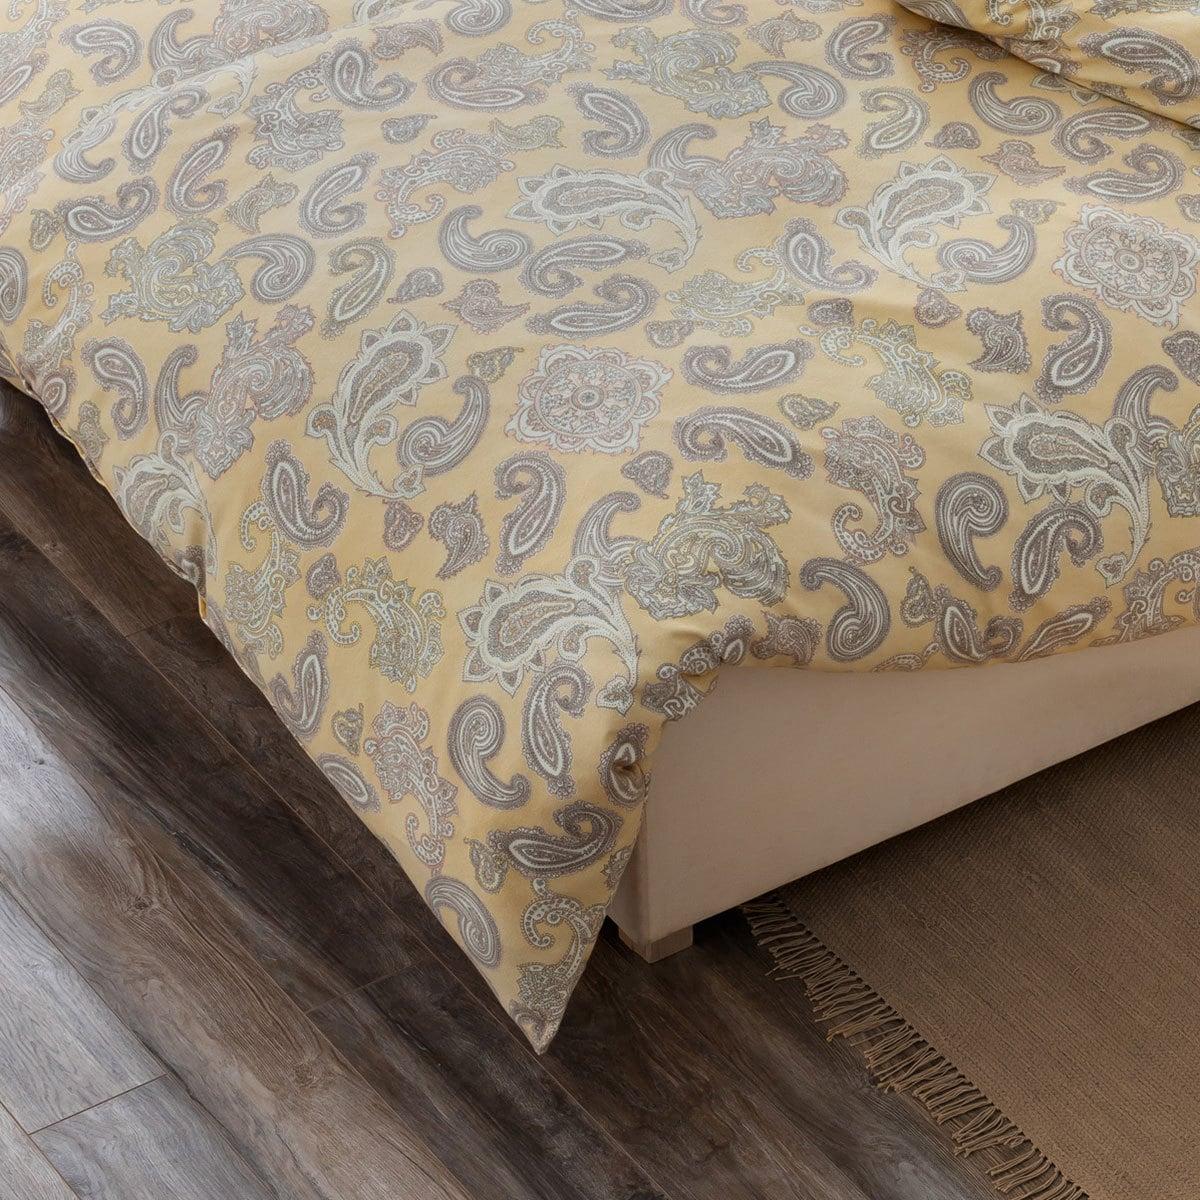 estella feinflanell bettw sche gerlos messing g nstig online kaufen bei bettwaren shop. Black Bedroom Furniture Sets. Home Design Ideas